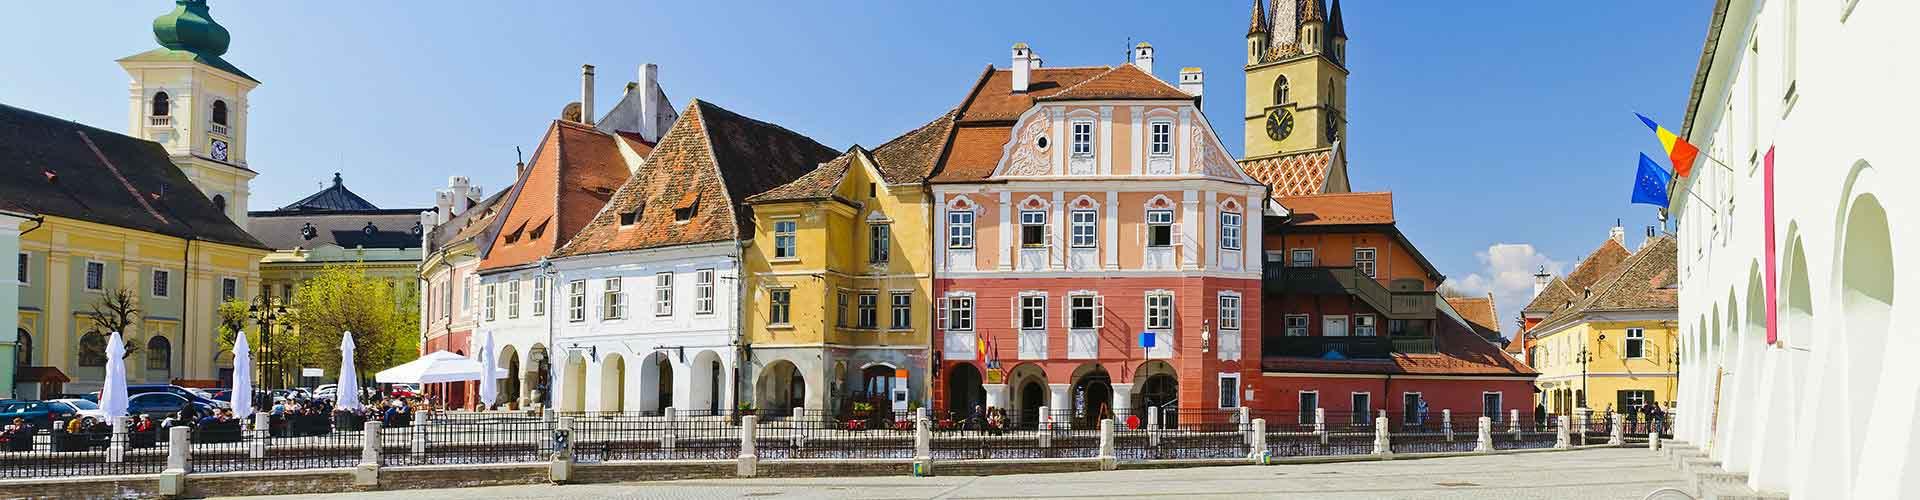 Sibiu - Hostales en Sibiu. Mapas de Sibiu, Fotos y comentarios de cada Hostal en Sibiu.